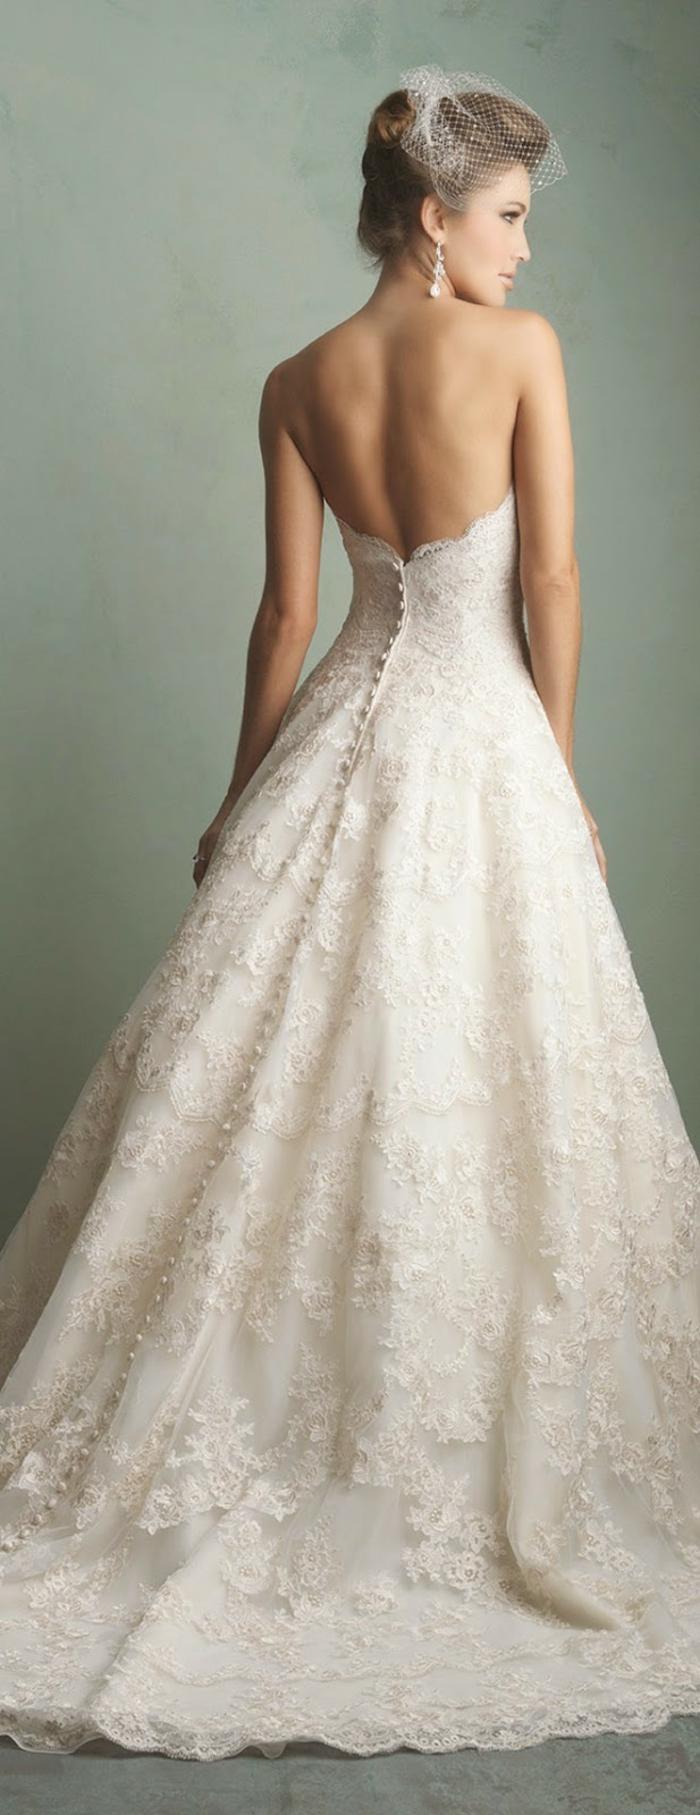 Ruckenfreie Hochzeitskleider Liegen Voll Im Trend